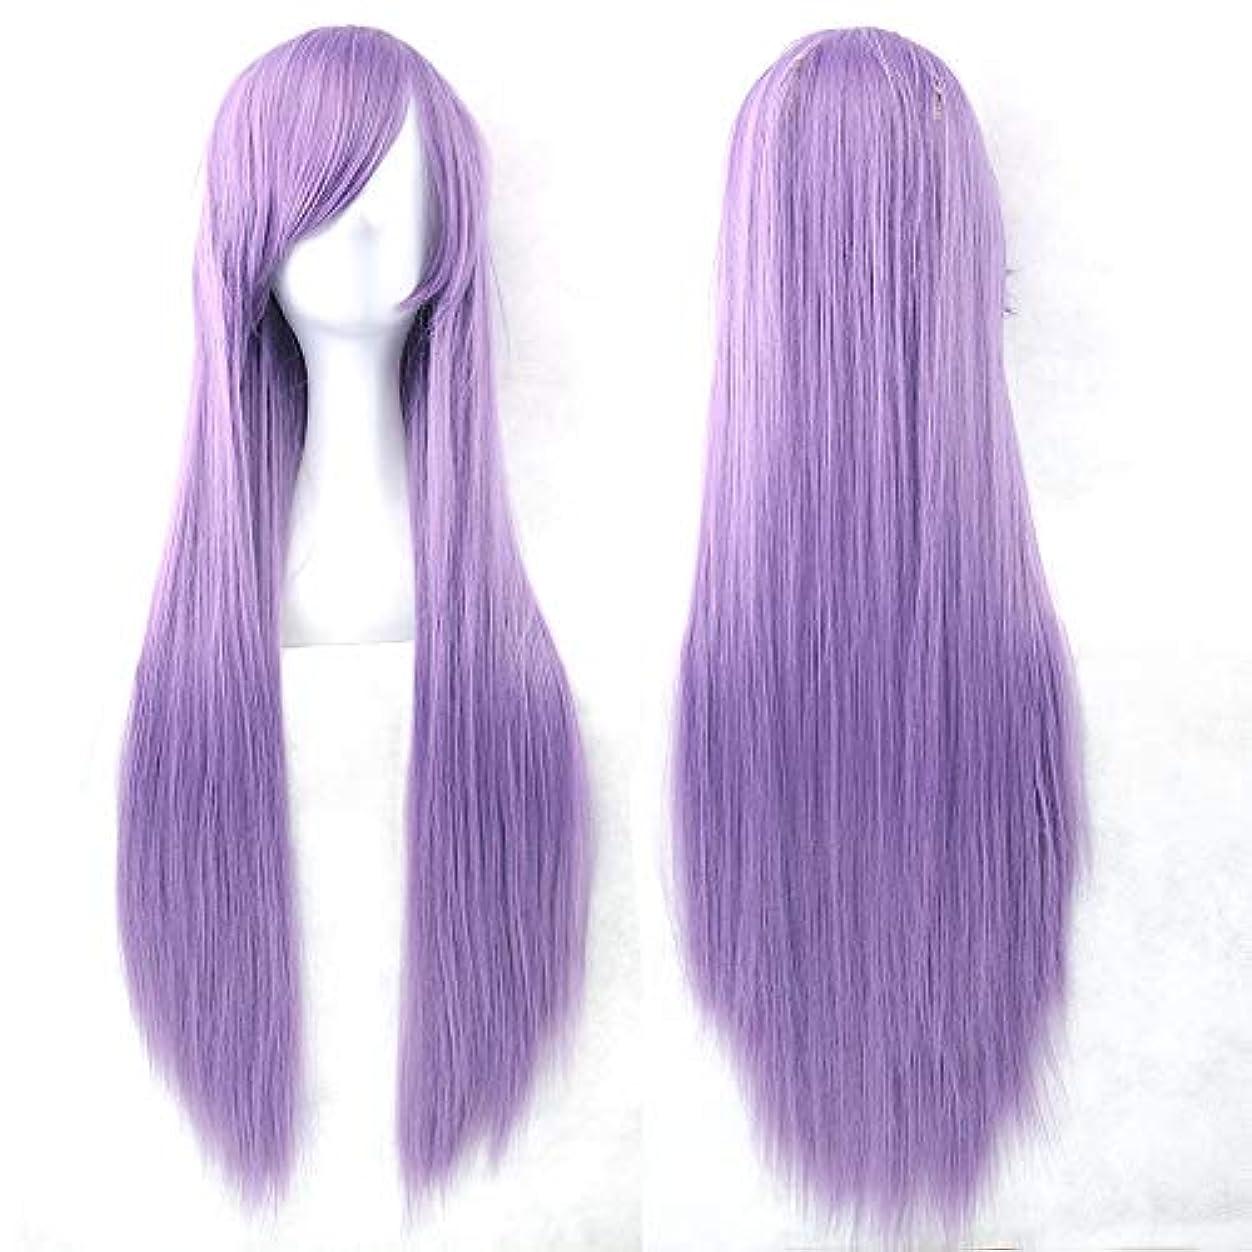 見てリハーサル女性用ロングナチュラルストレートウィッグ31インチ人工毛替えウィッグサイド別れハロウィンコスプレ衣装アニメパーティーロリータウィッグ (Color : 紫の)